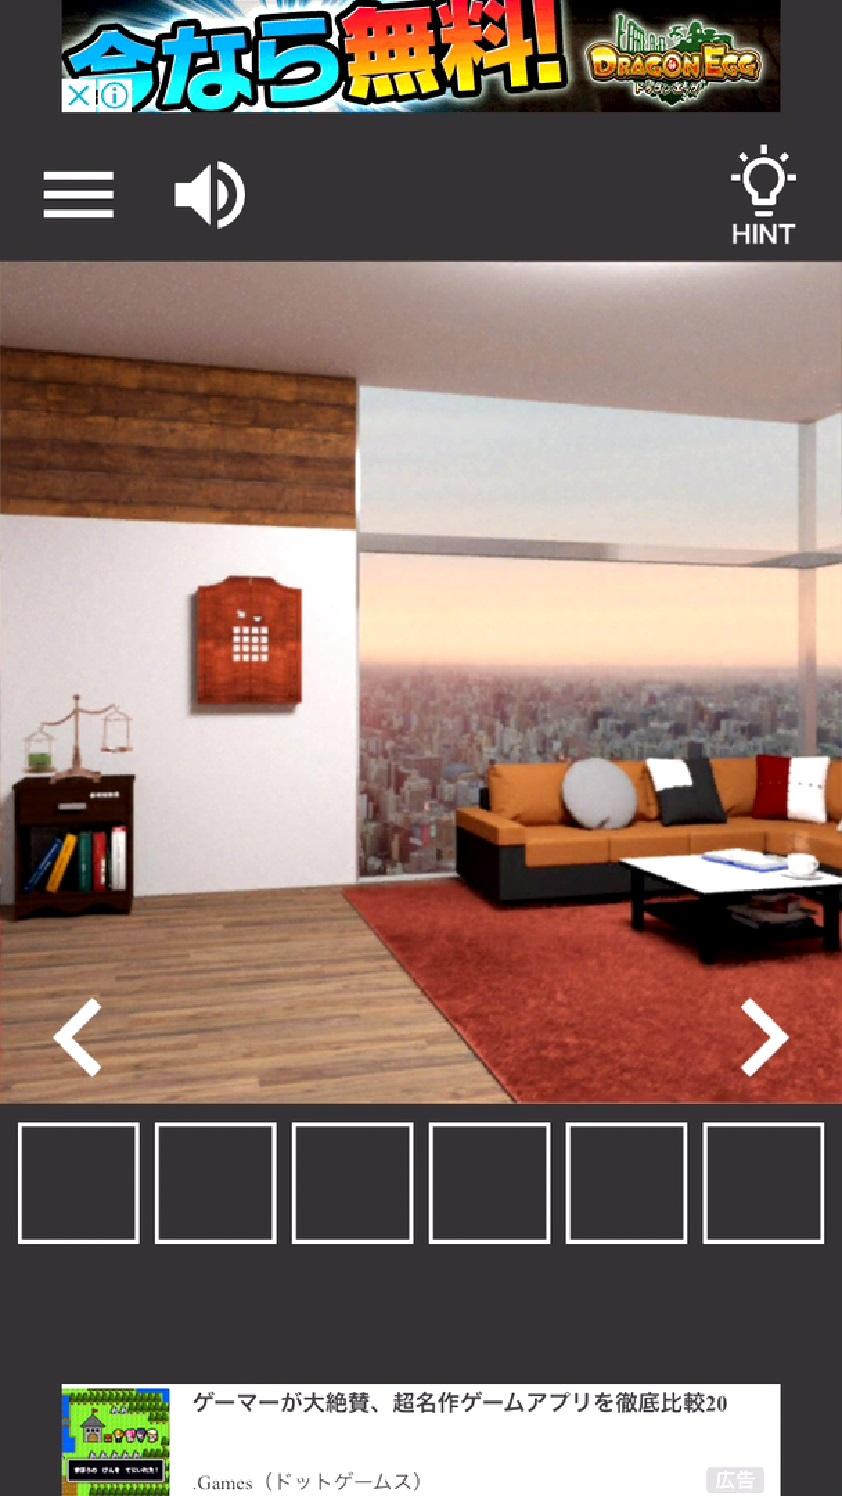 androidアプリ 脱出ゲーム ~コーヒー香る隠れ家からの脱出~攻略スクリーンショット3